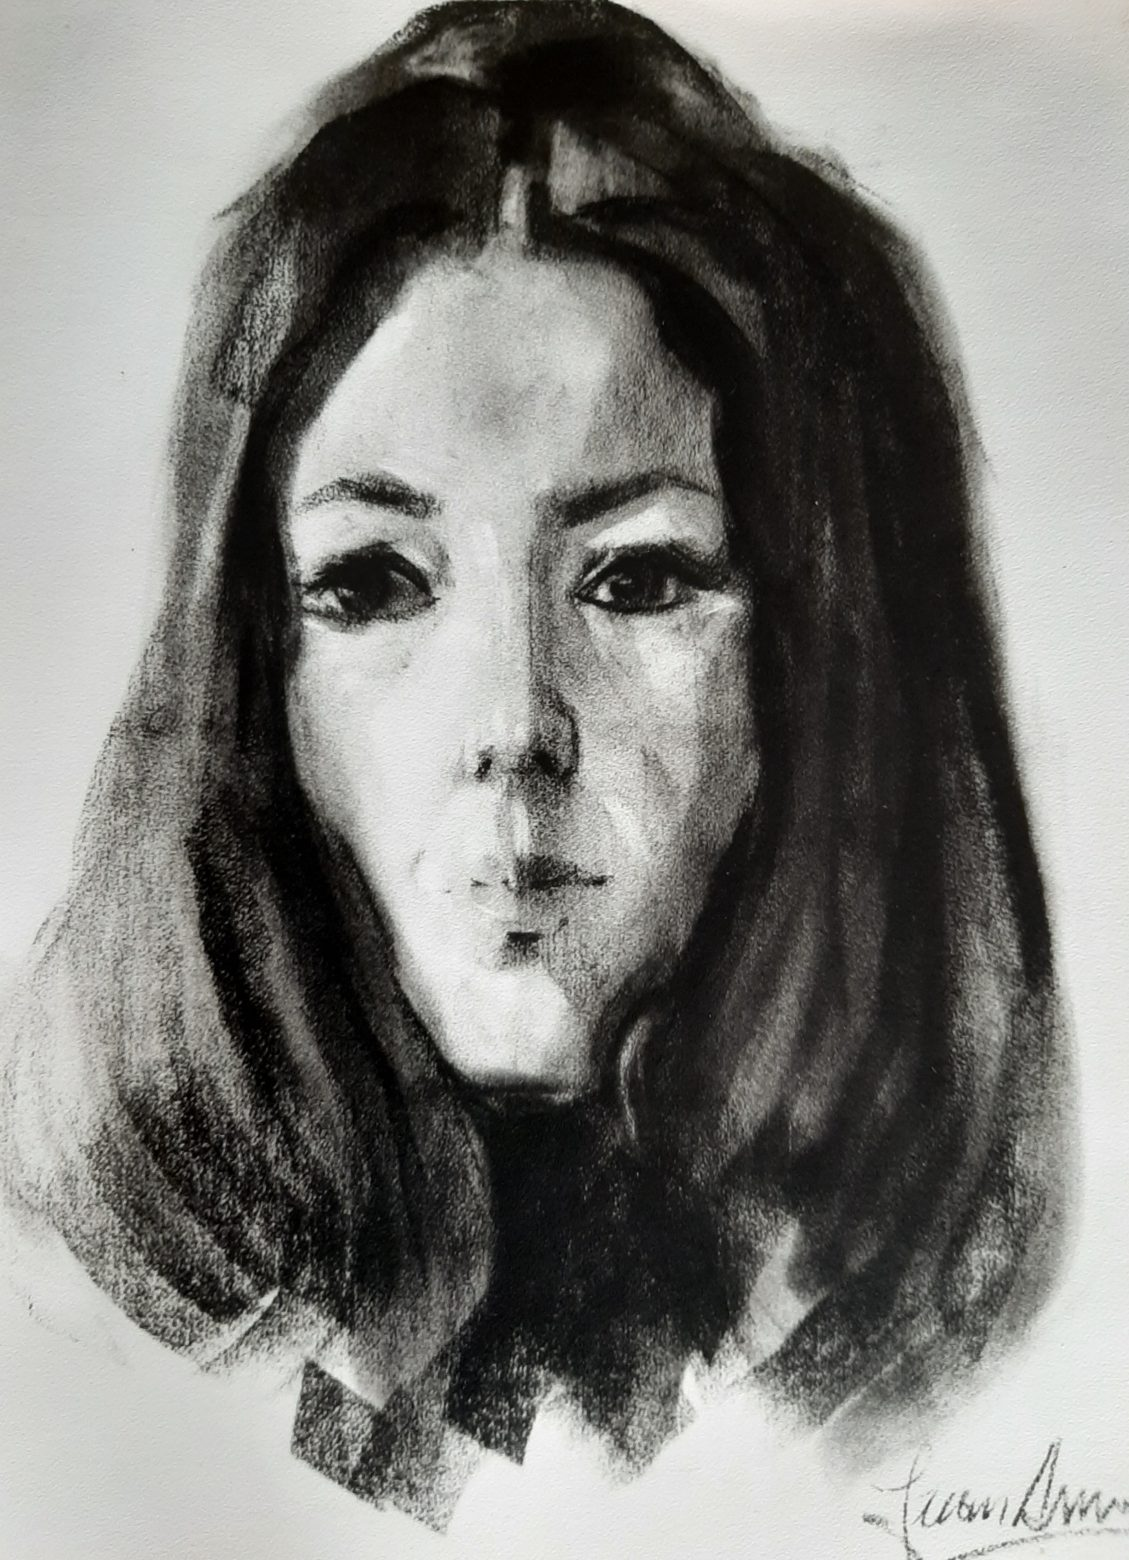 Retrato Dibujo de Juan Amo.